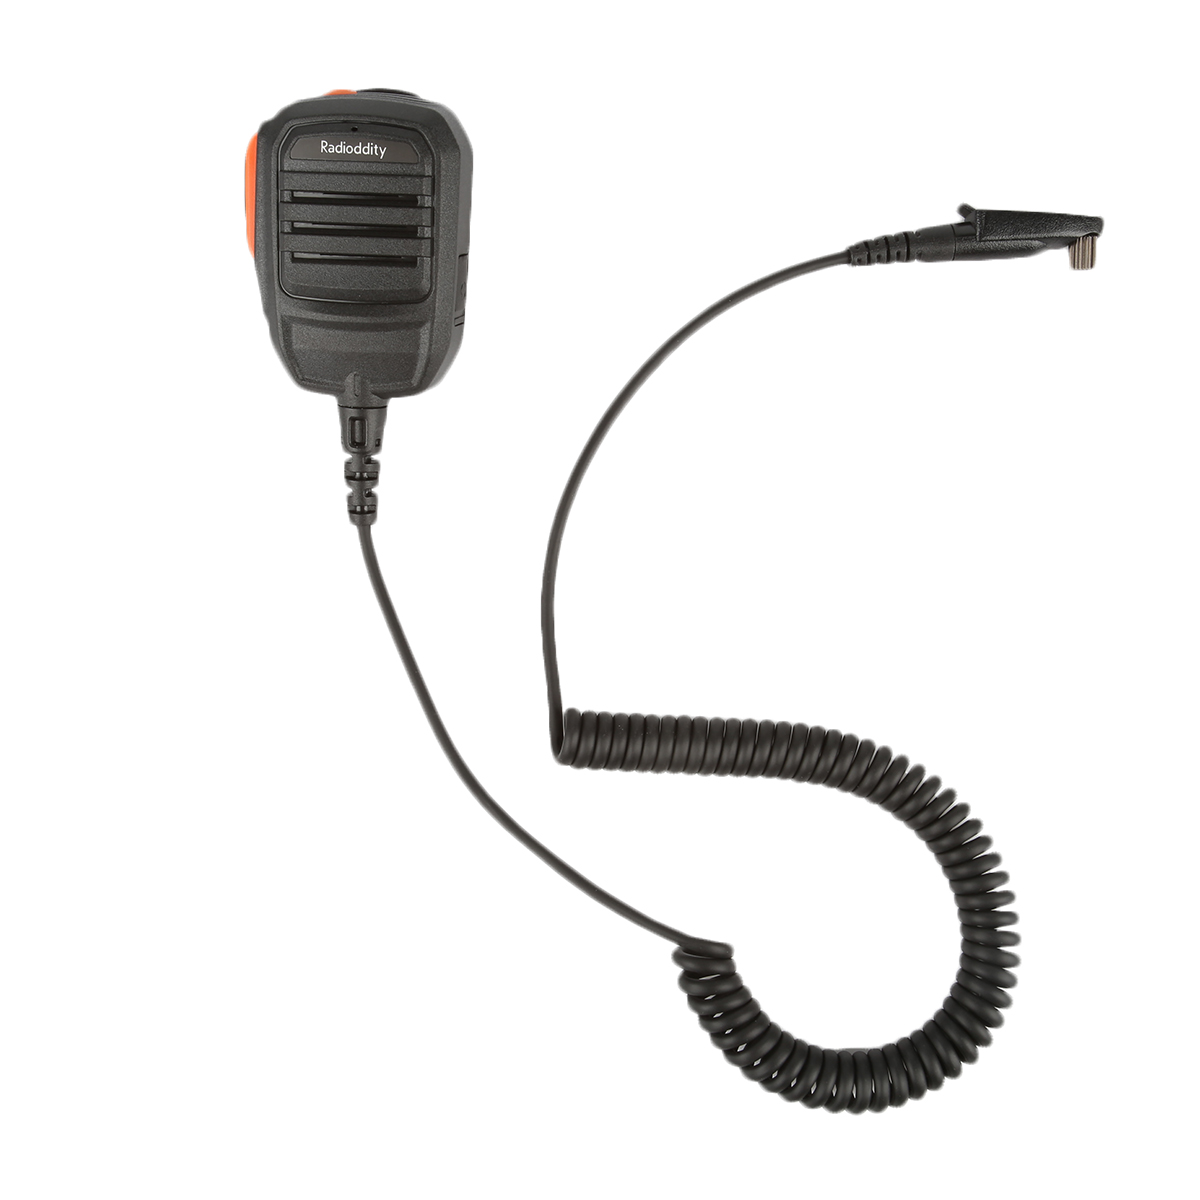 Radioddity GD-55 Plus Waterproof PPT Speaker Mic for DMR